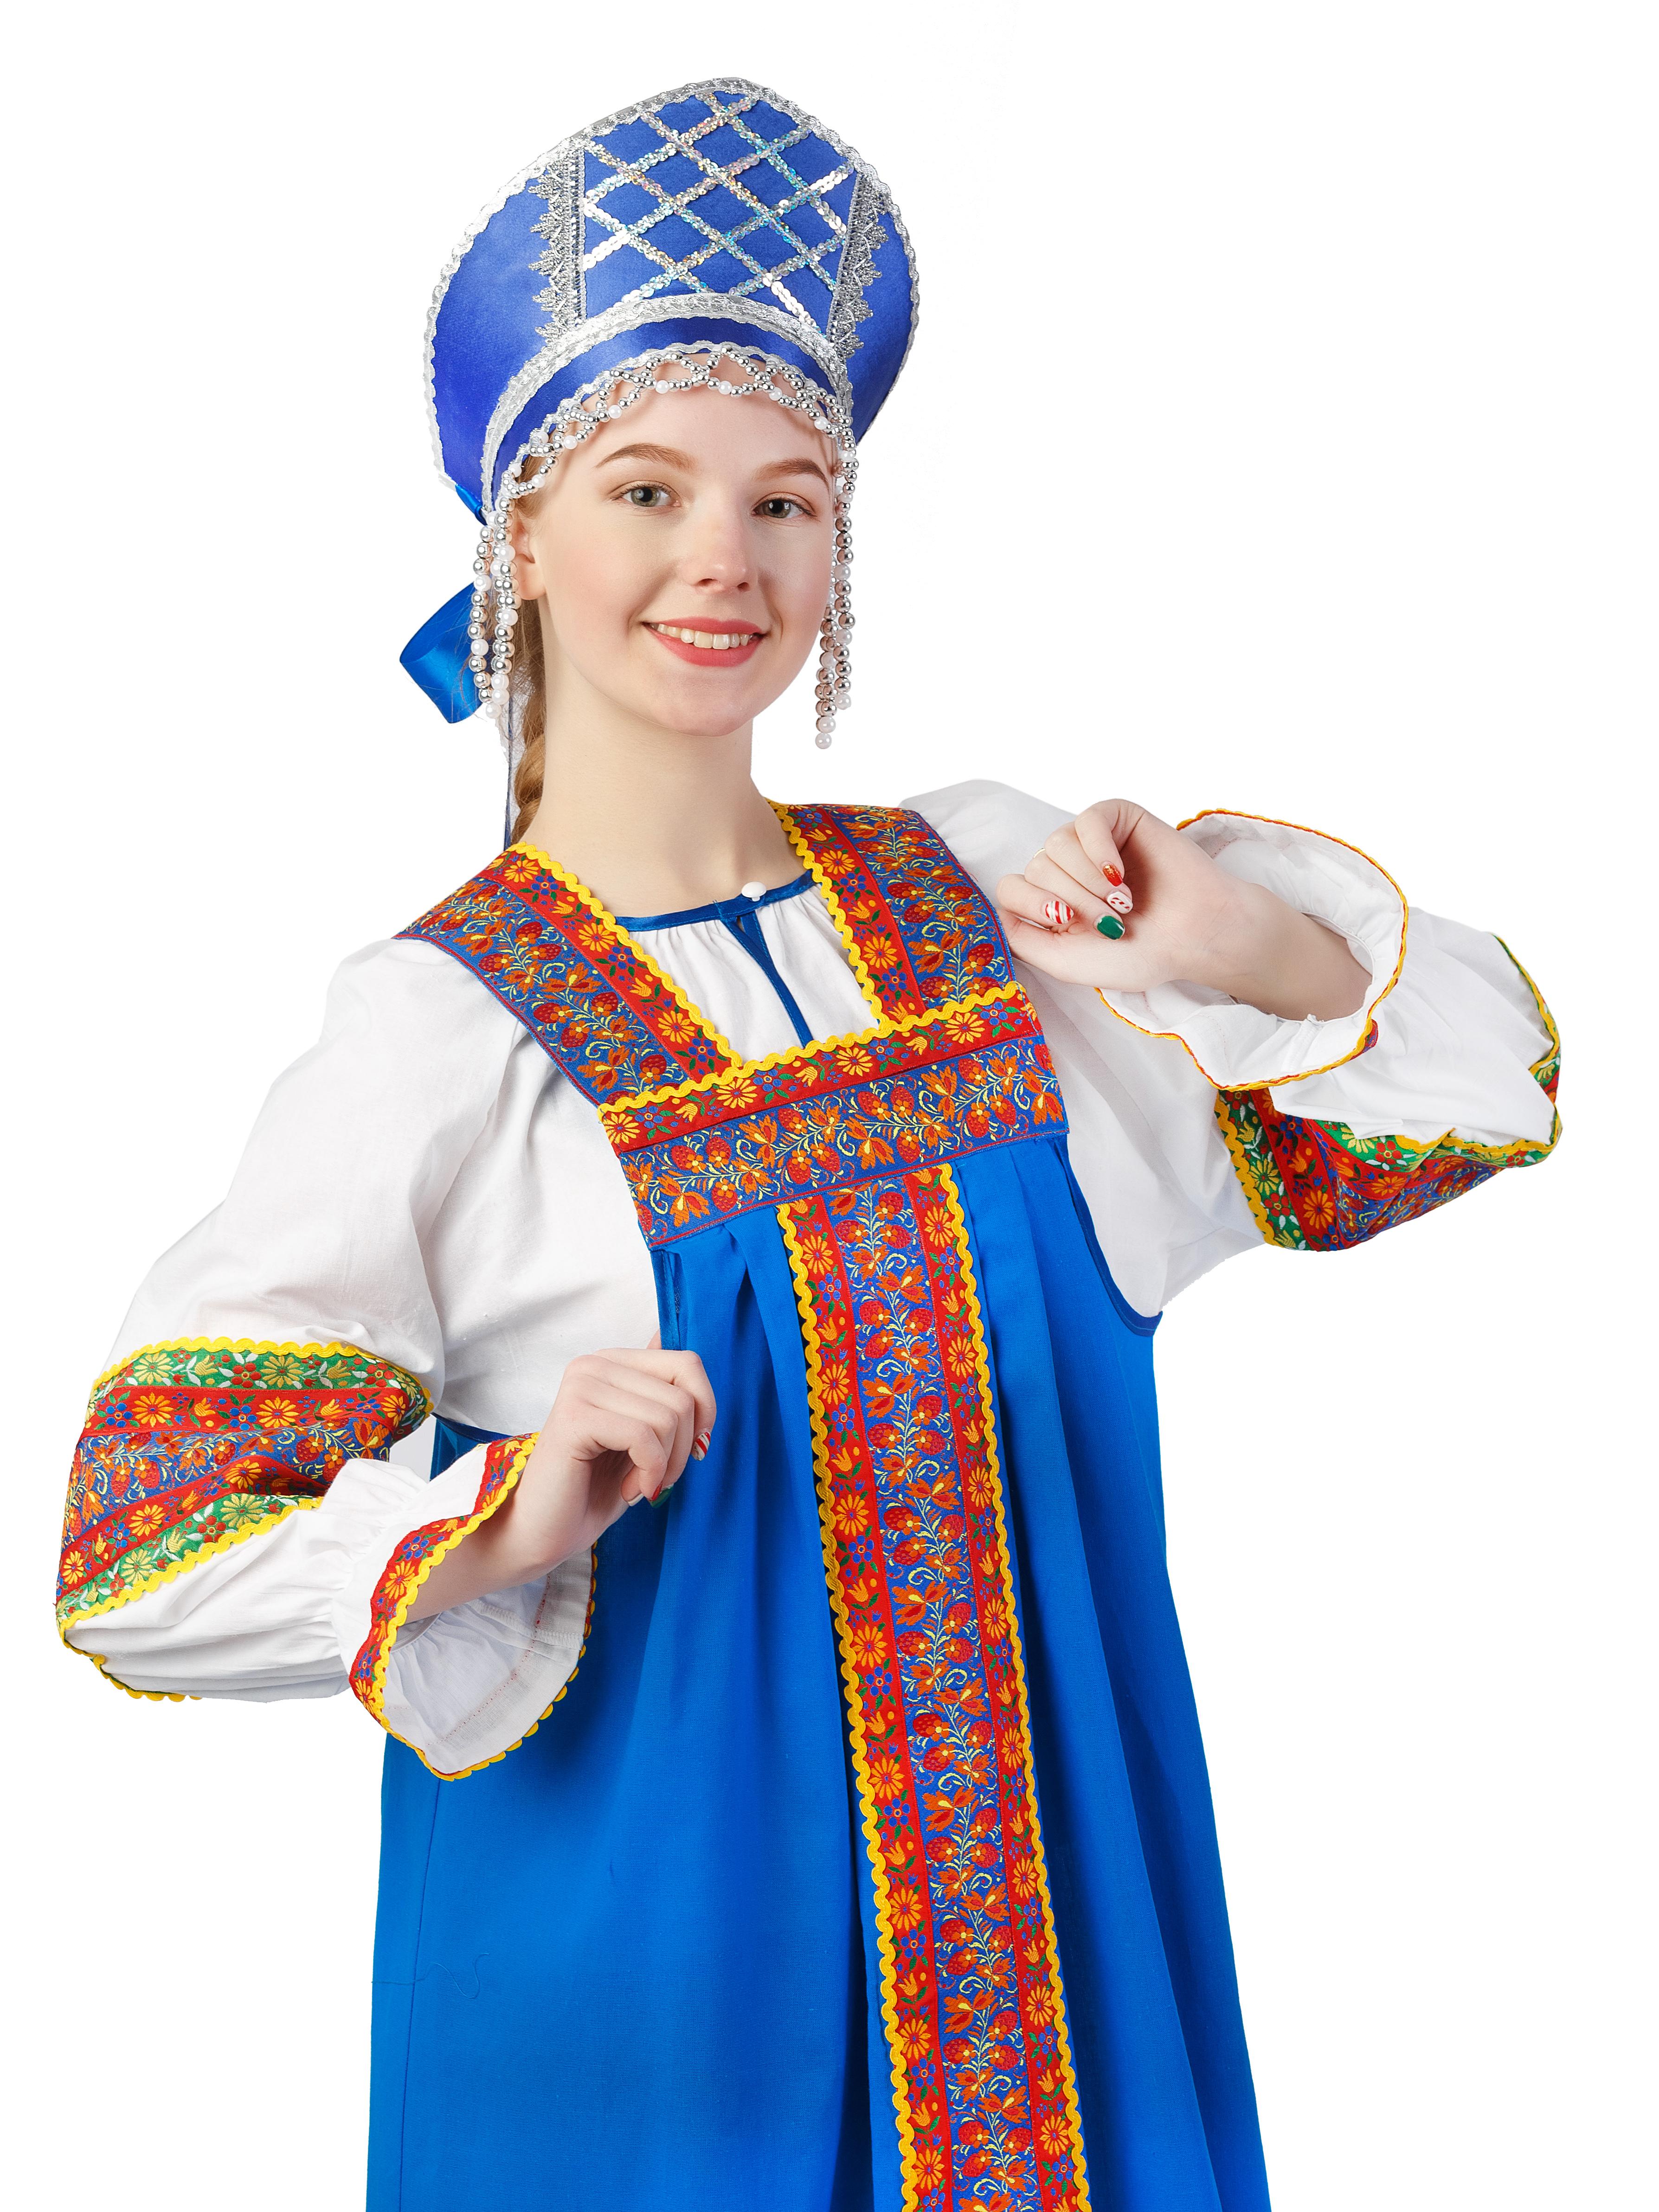 Картинки национальной одежды русского народа, дяде своими